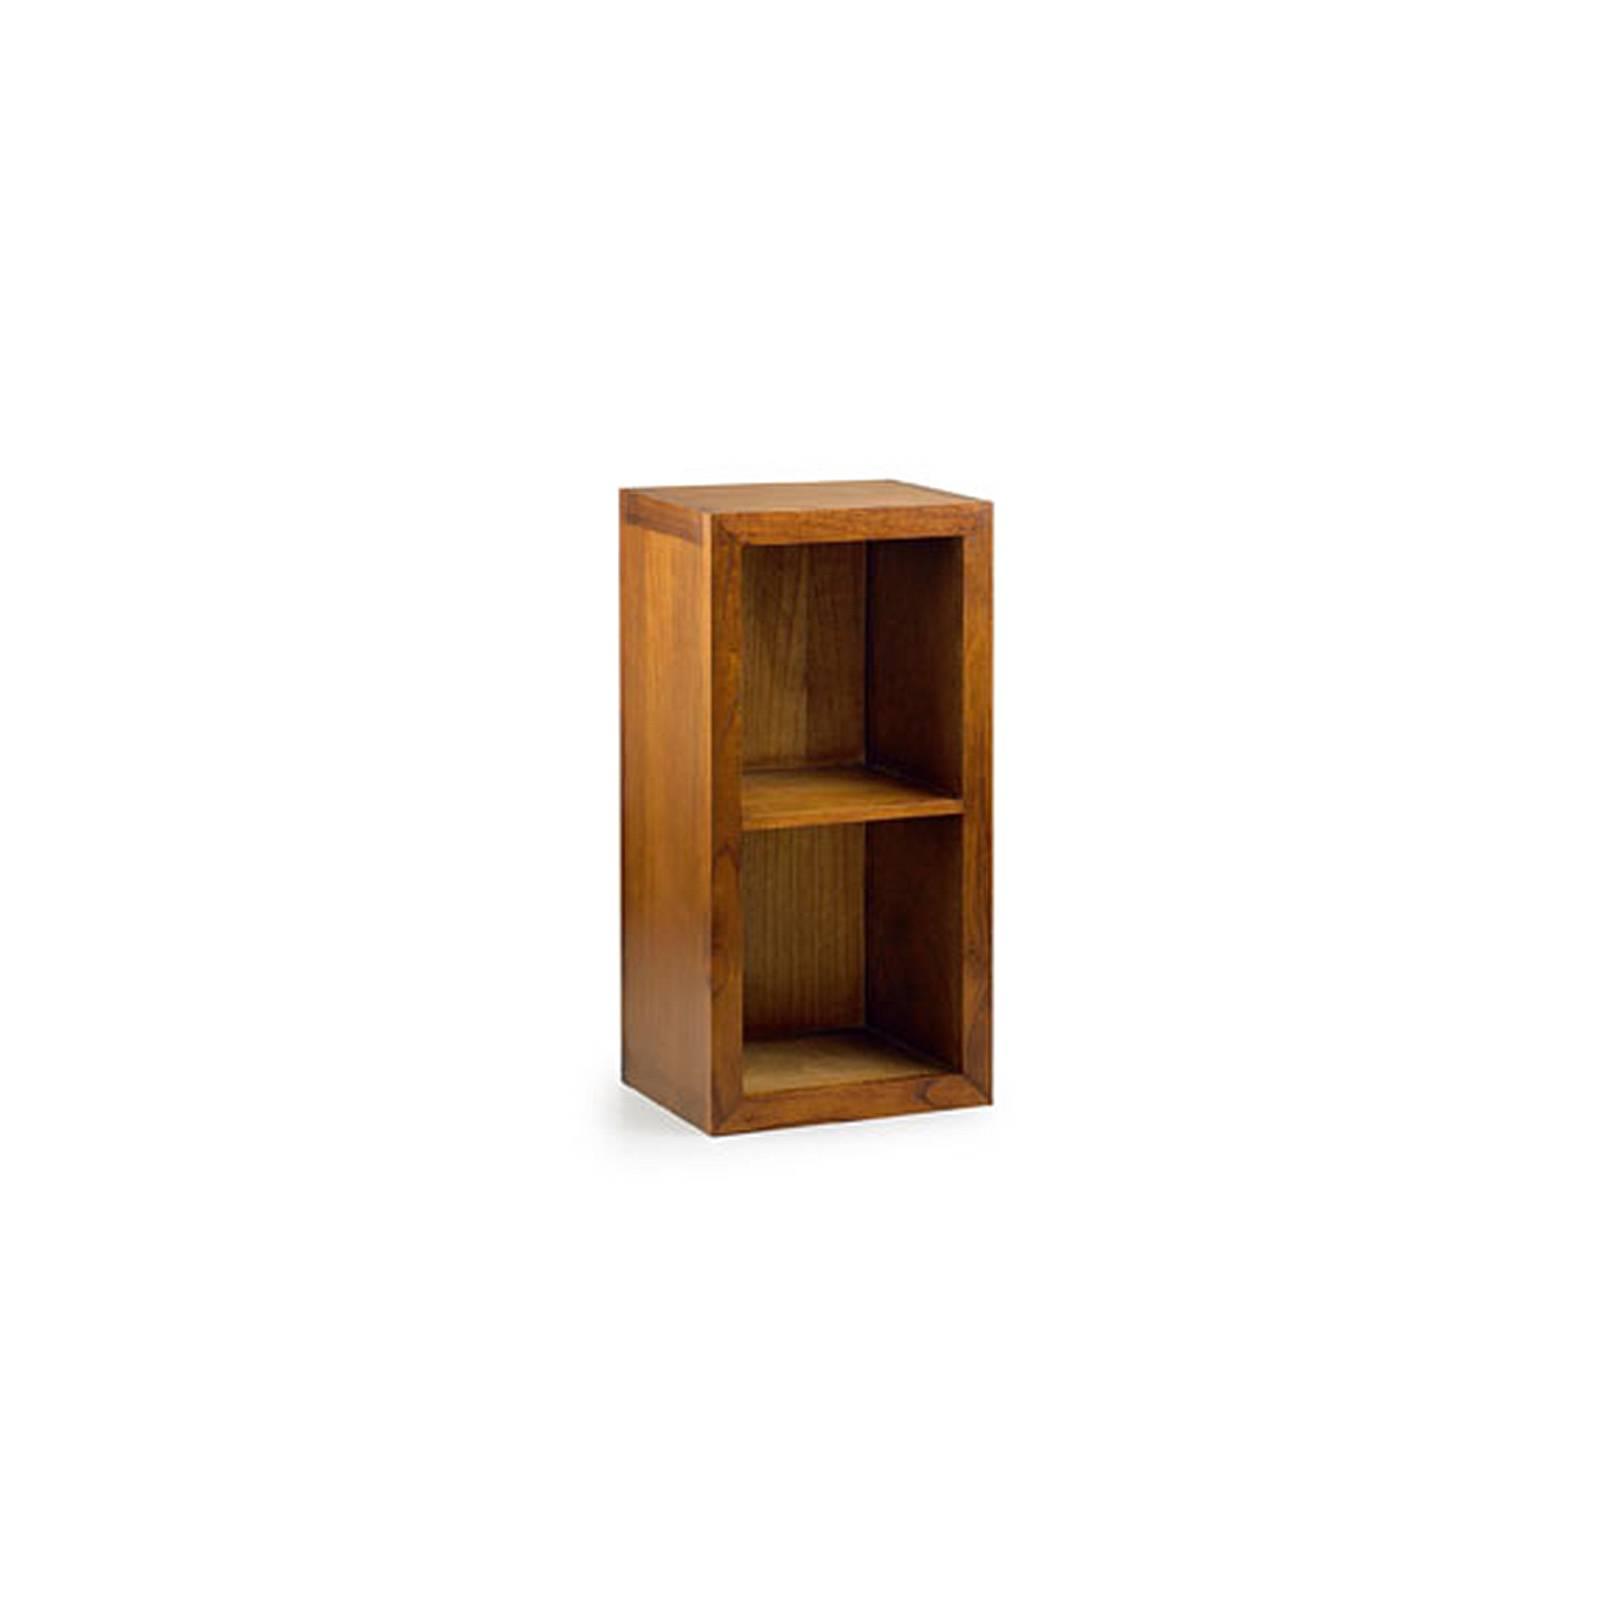 Élément Bibliothèque 2 Étagère Tali Mindy - meuble bois exotique